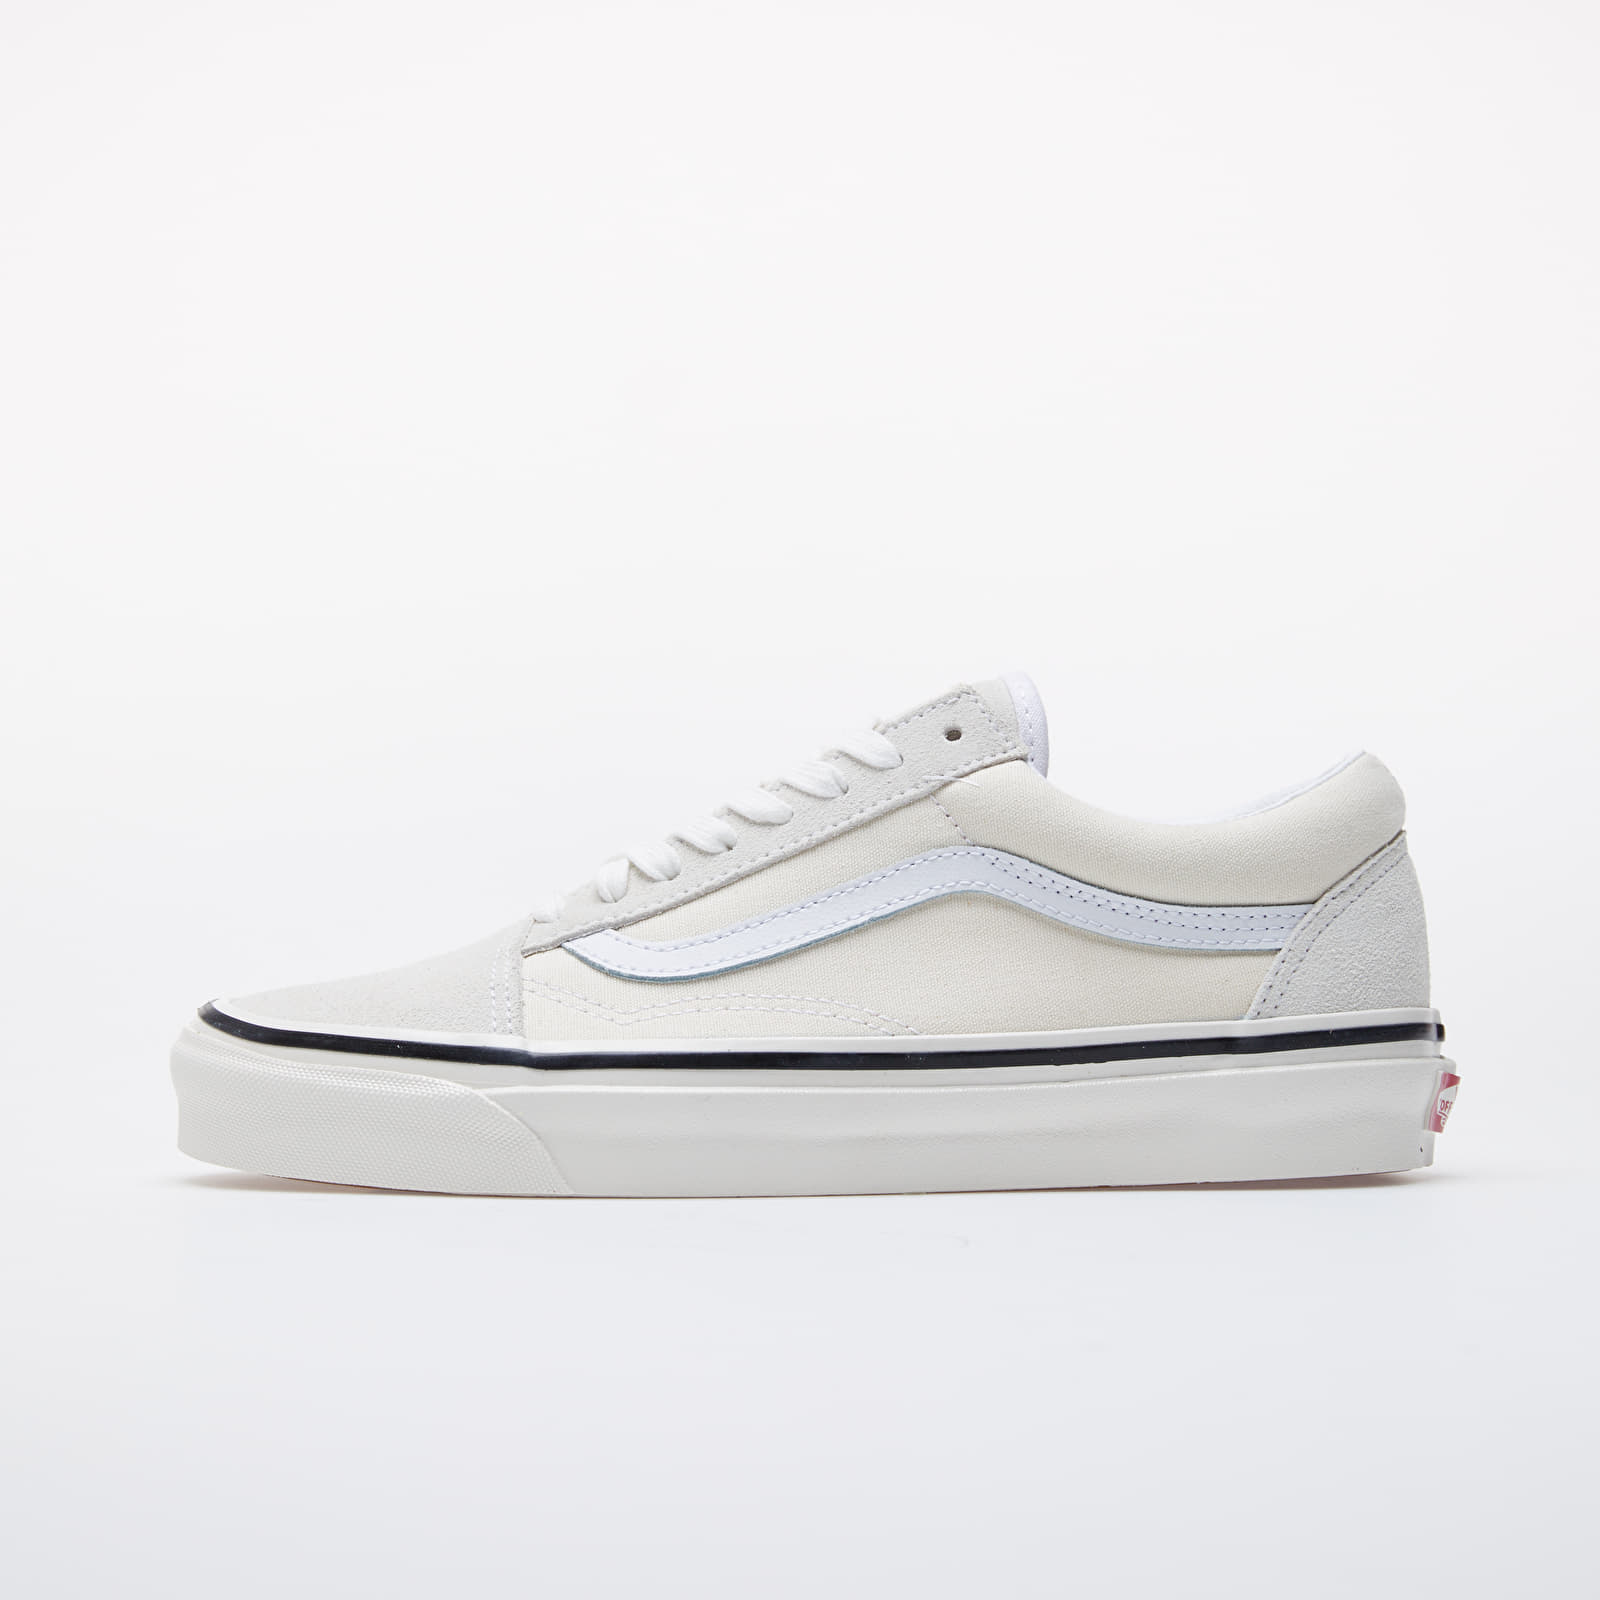 Vans Old Skool 36 DX Classic White | Footshop